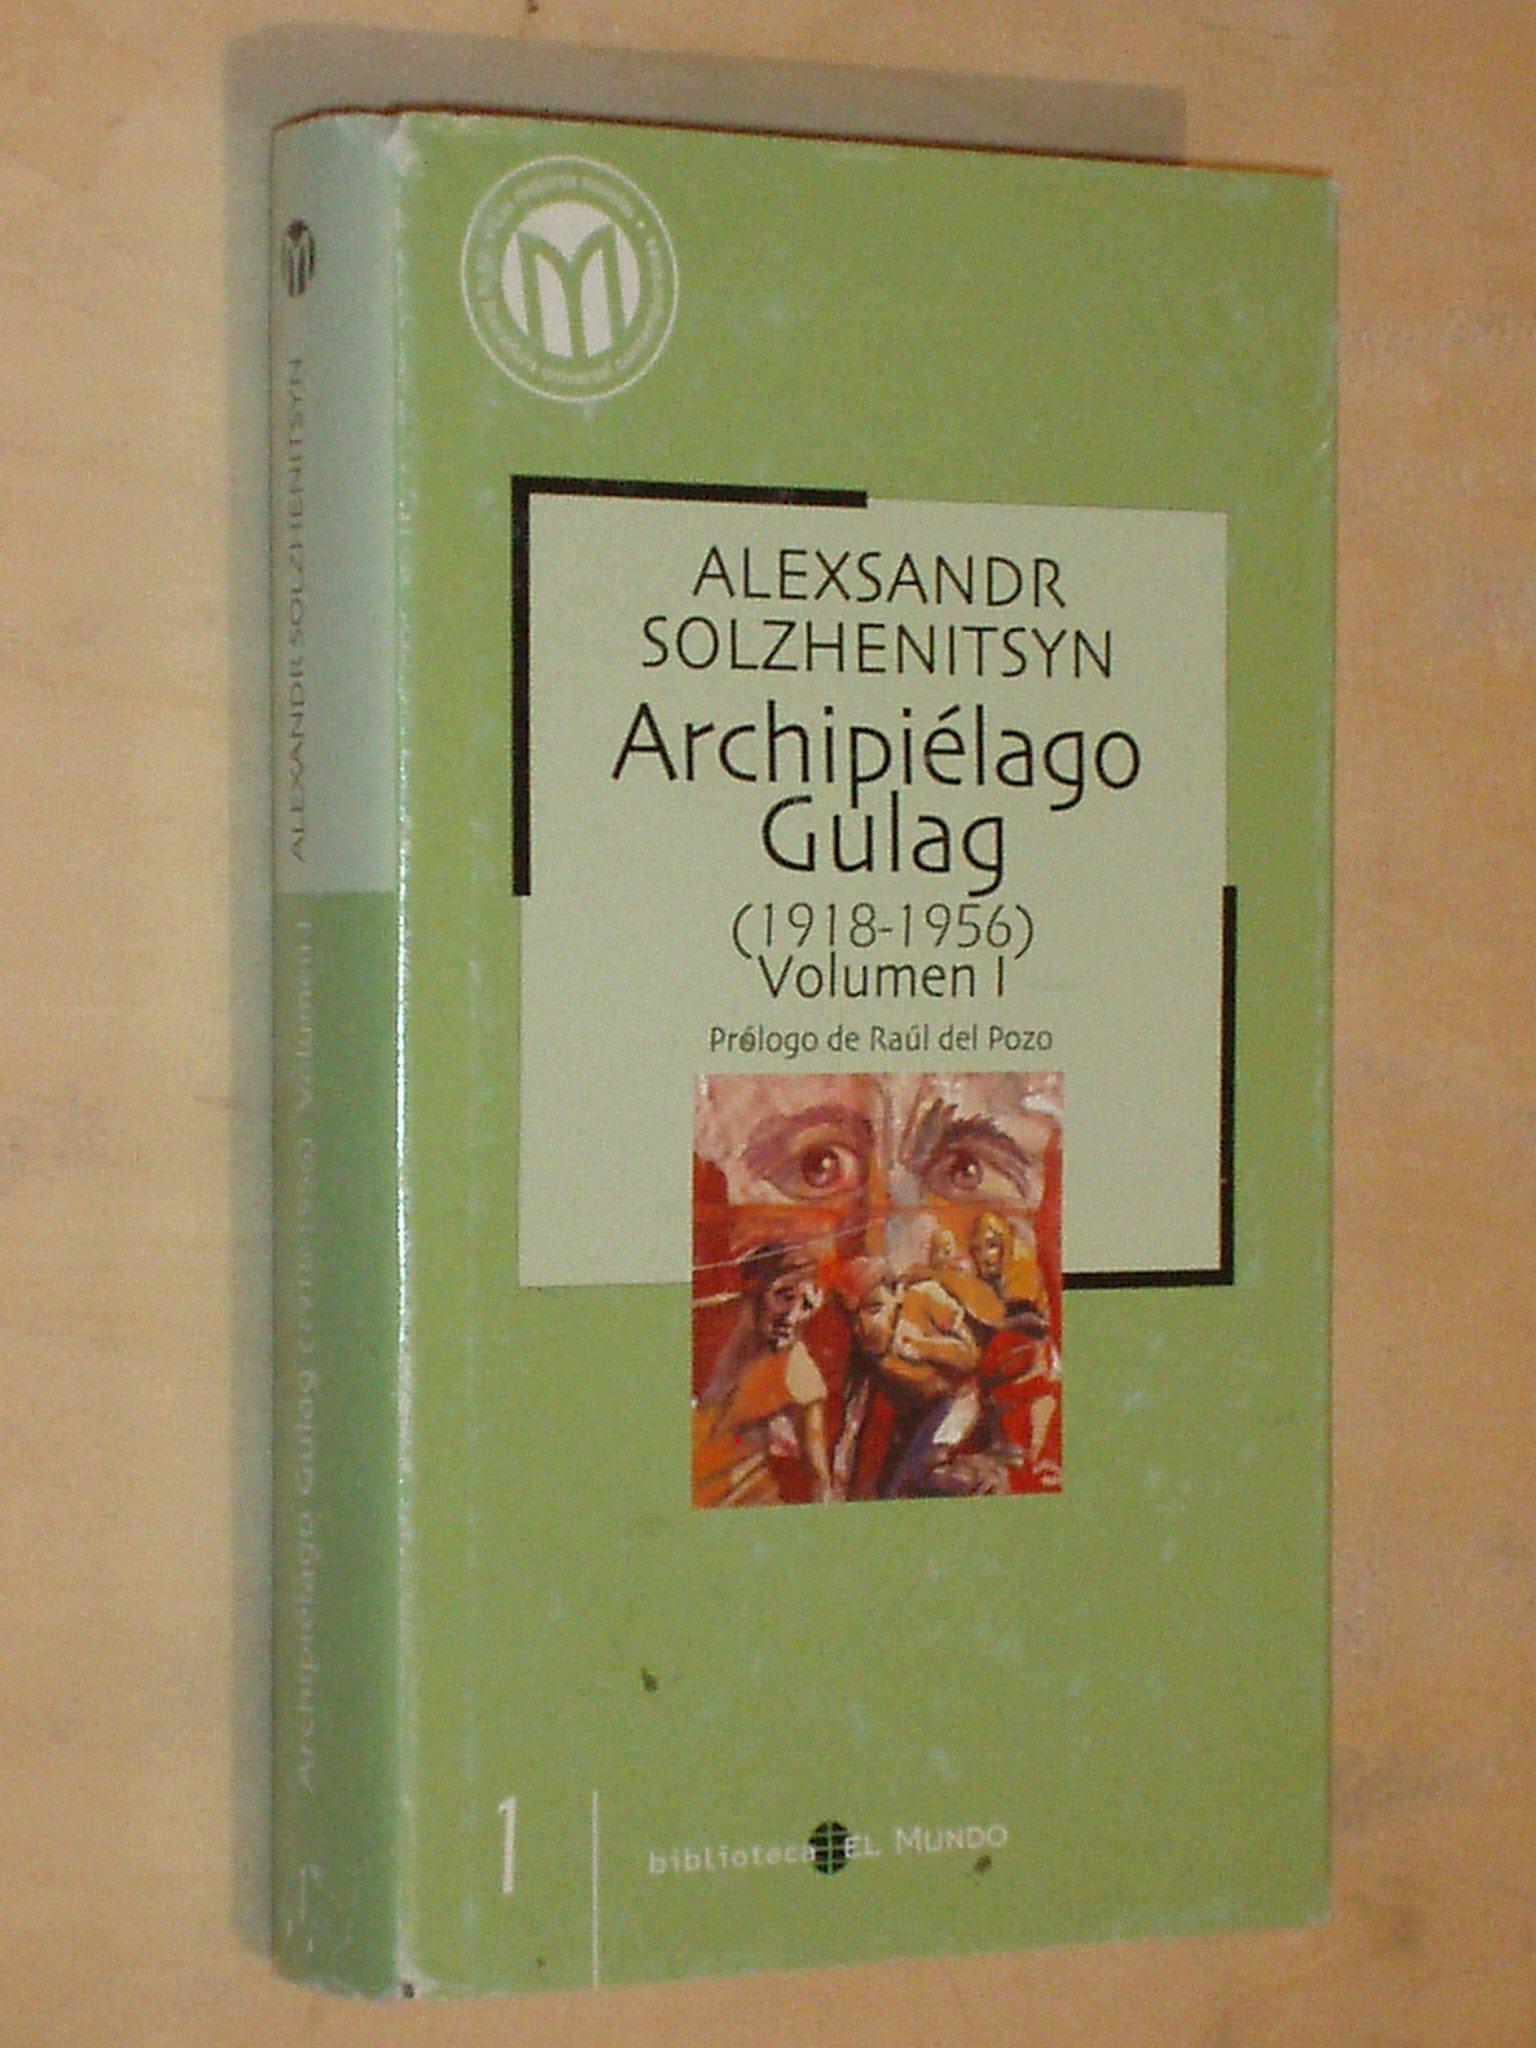 ARCHIPIÉLAGO GULAG (1918-1956) - VOL 1: Amazon.es: Solzhenitsyn ...